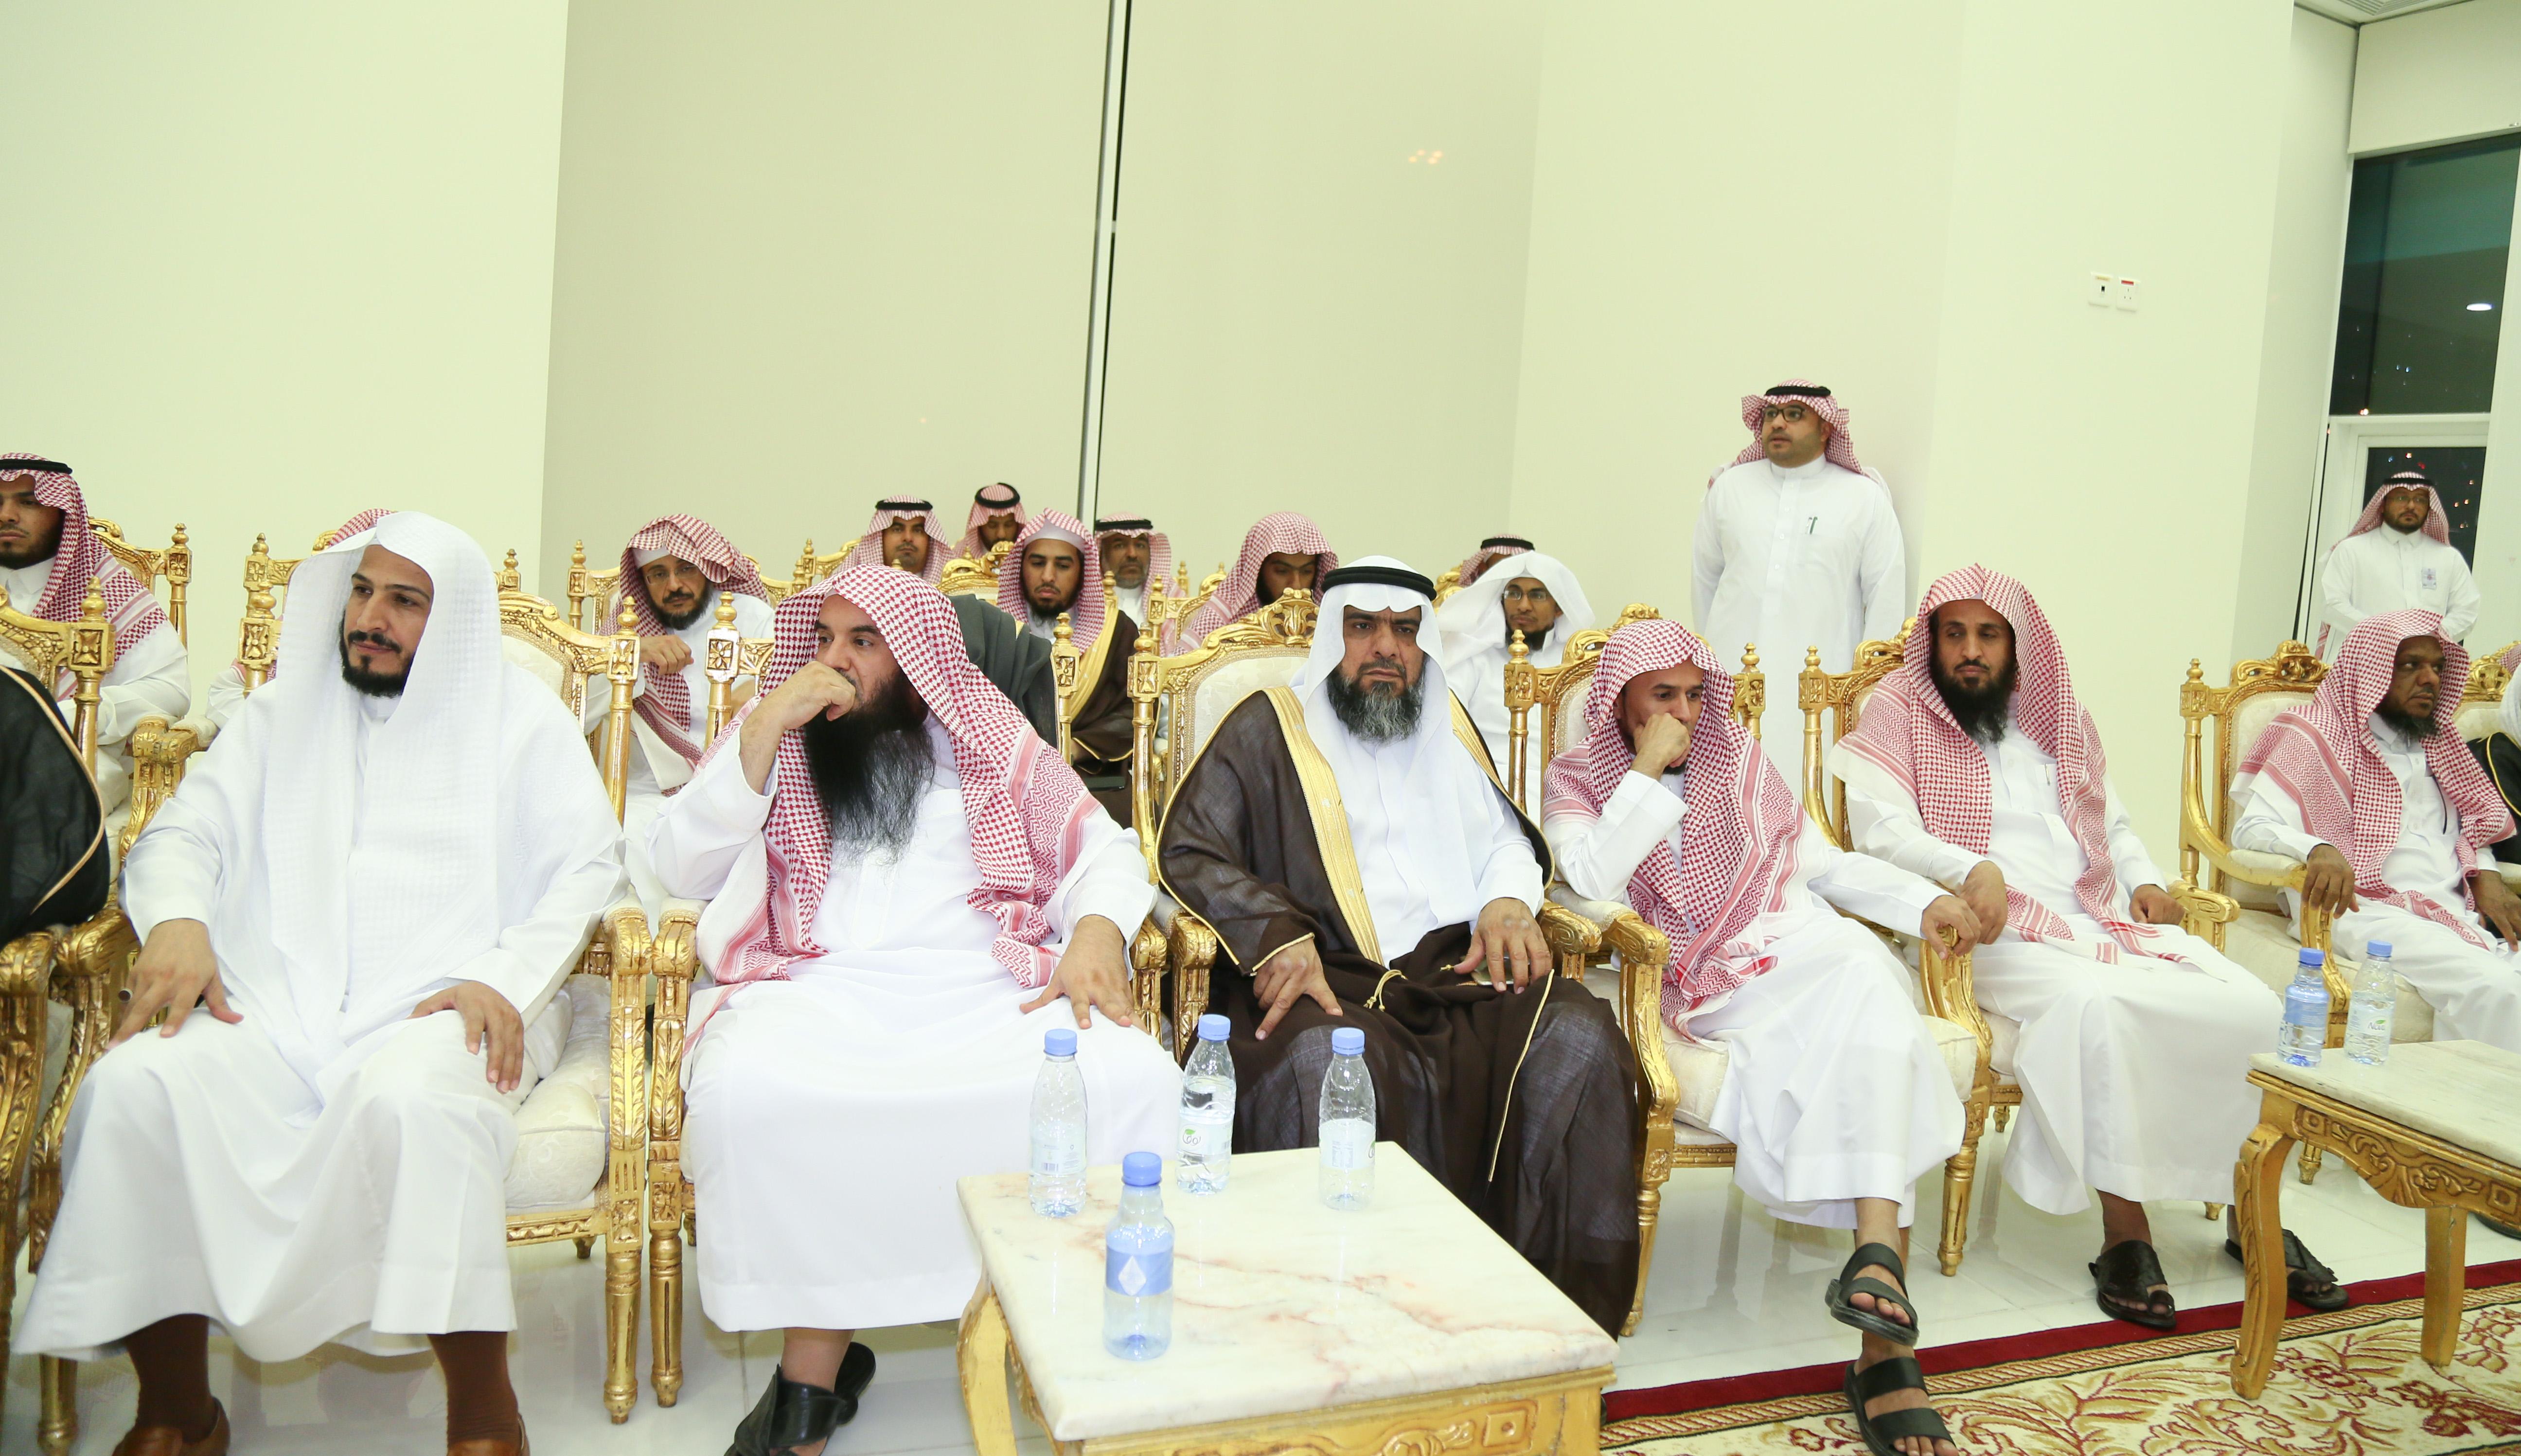 صور لقاء وزير الشؤون الإسلامية بالدعاة 7 